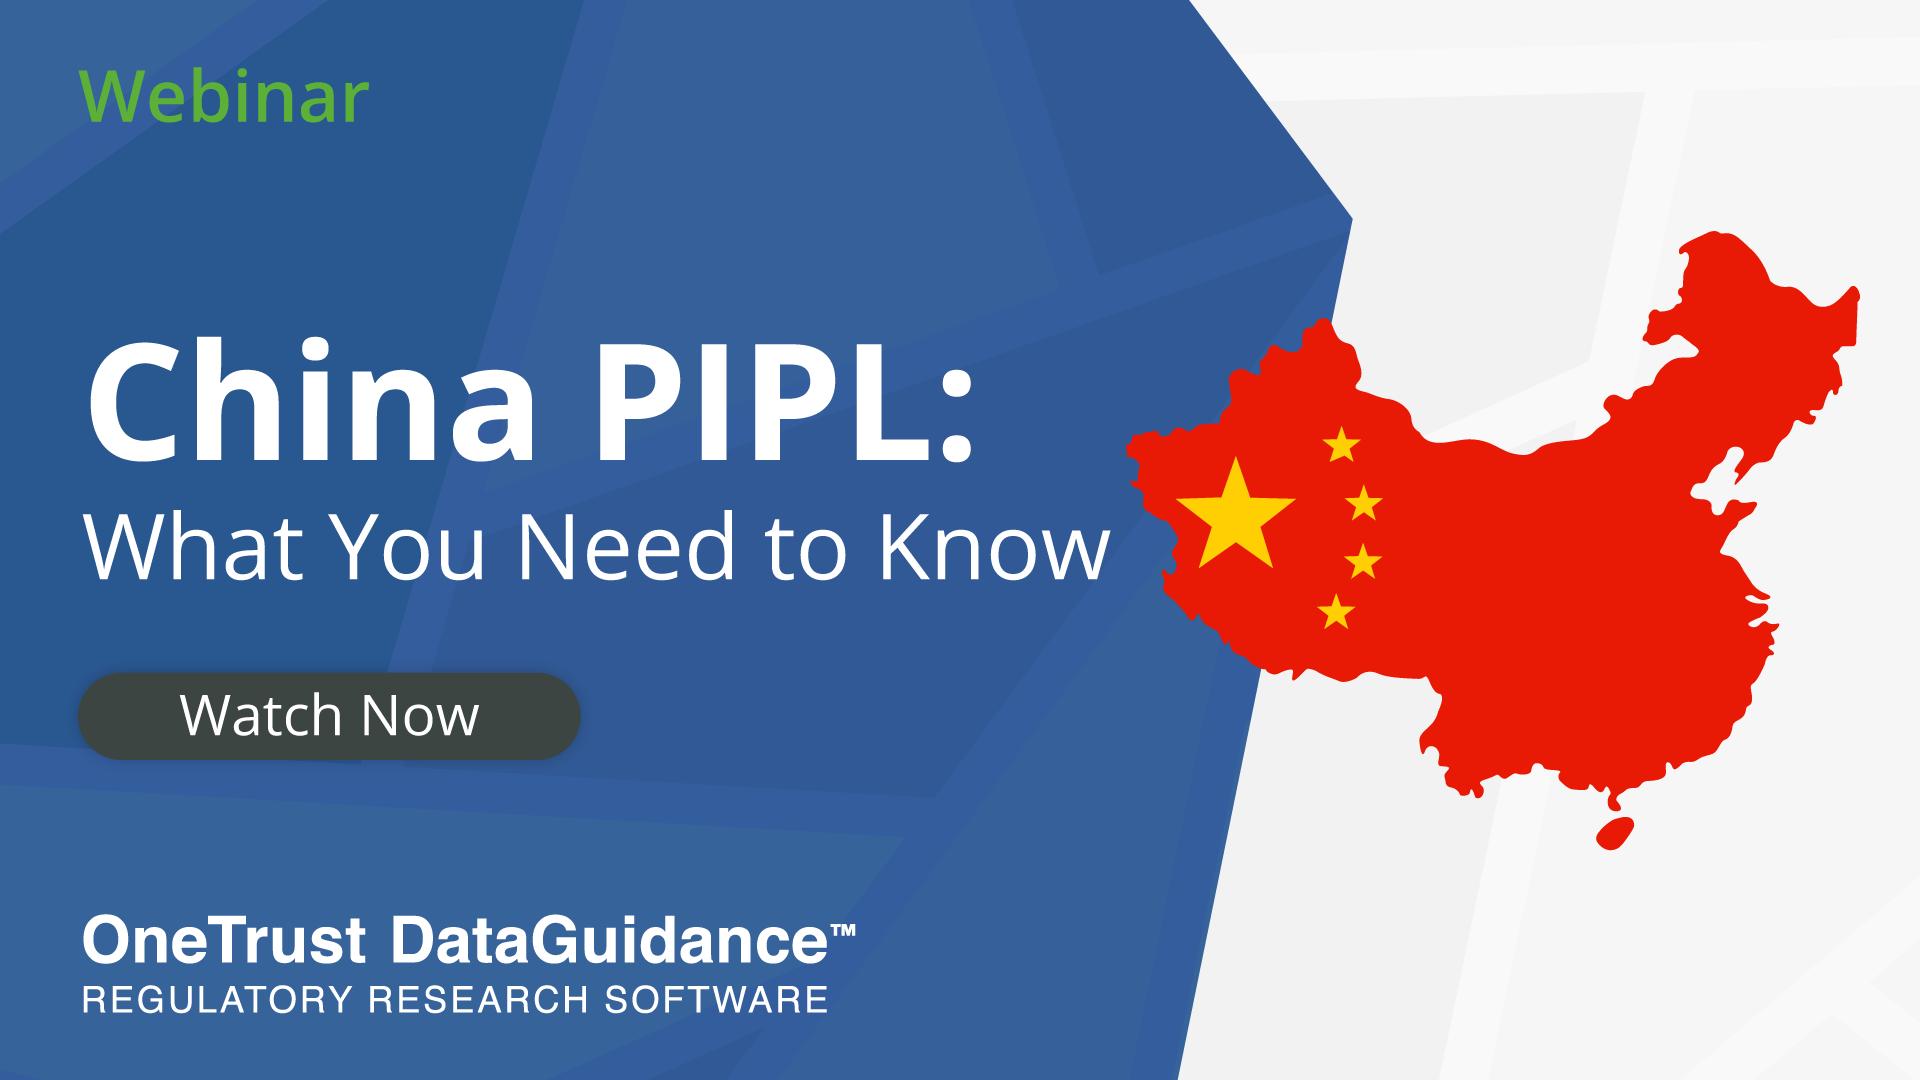 China PIPL Webinar Recording